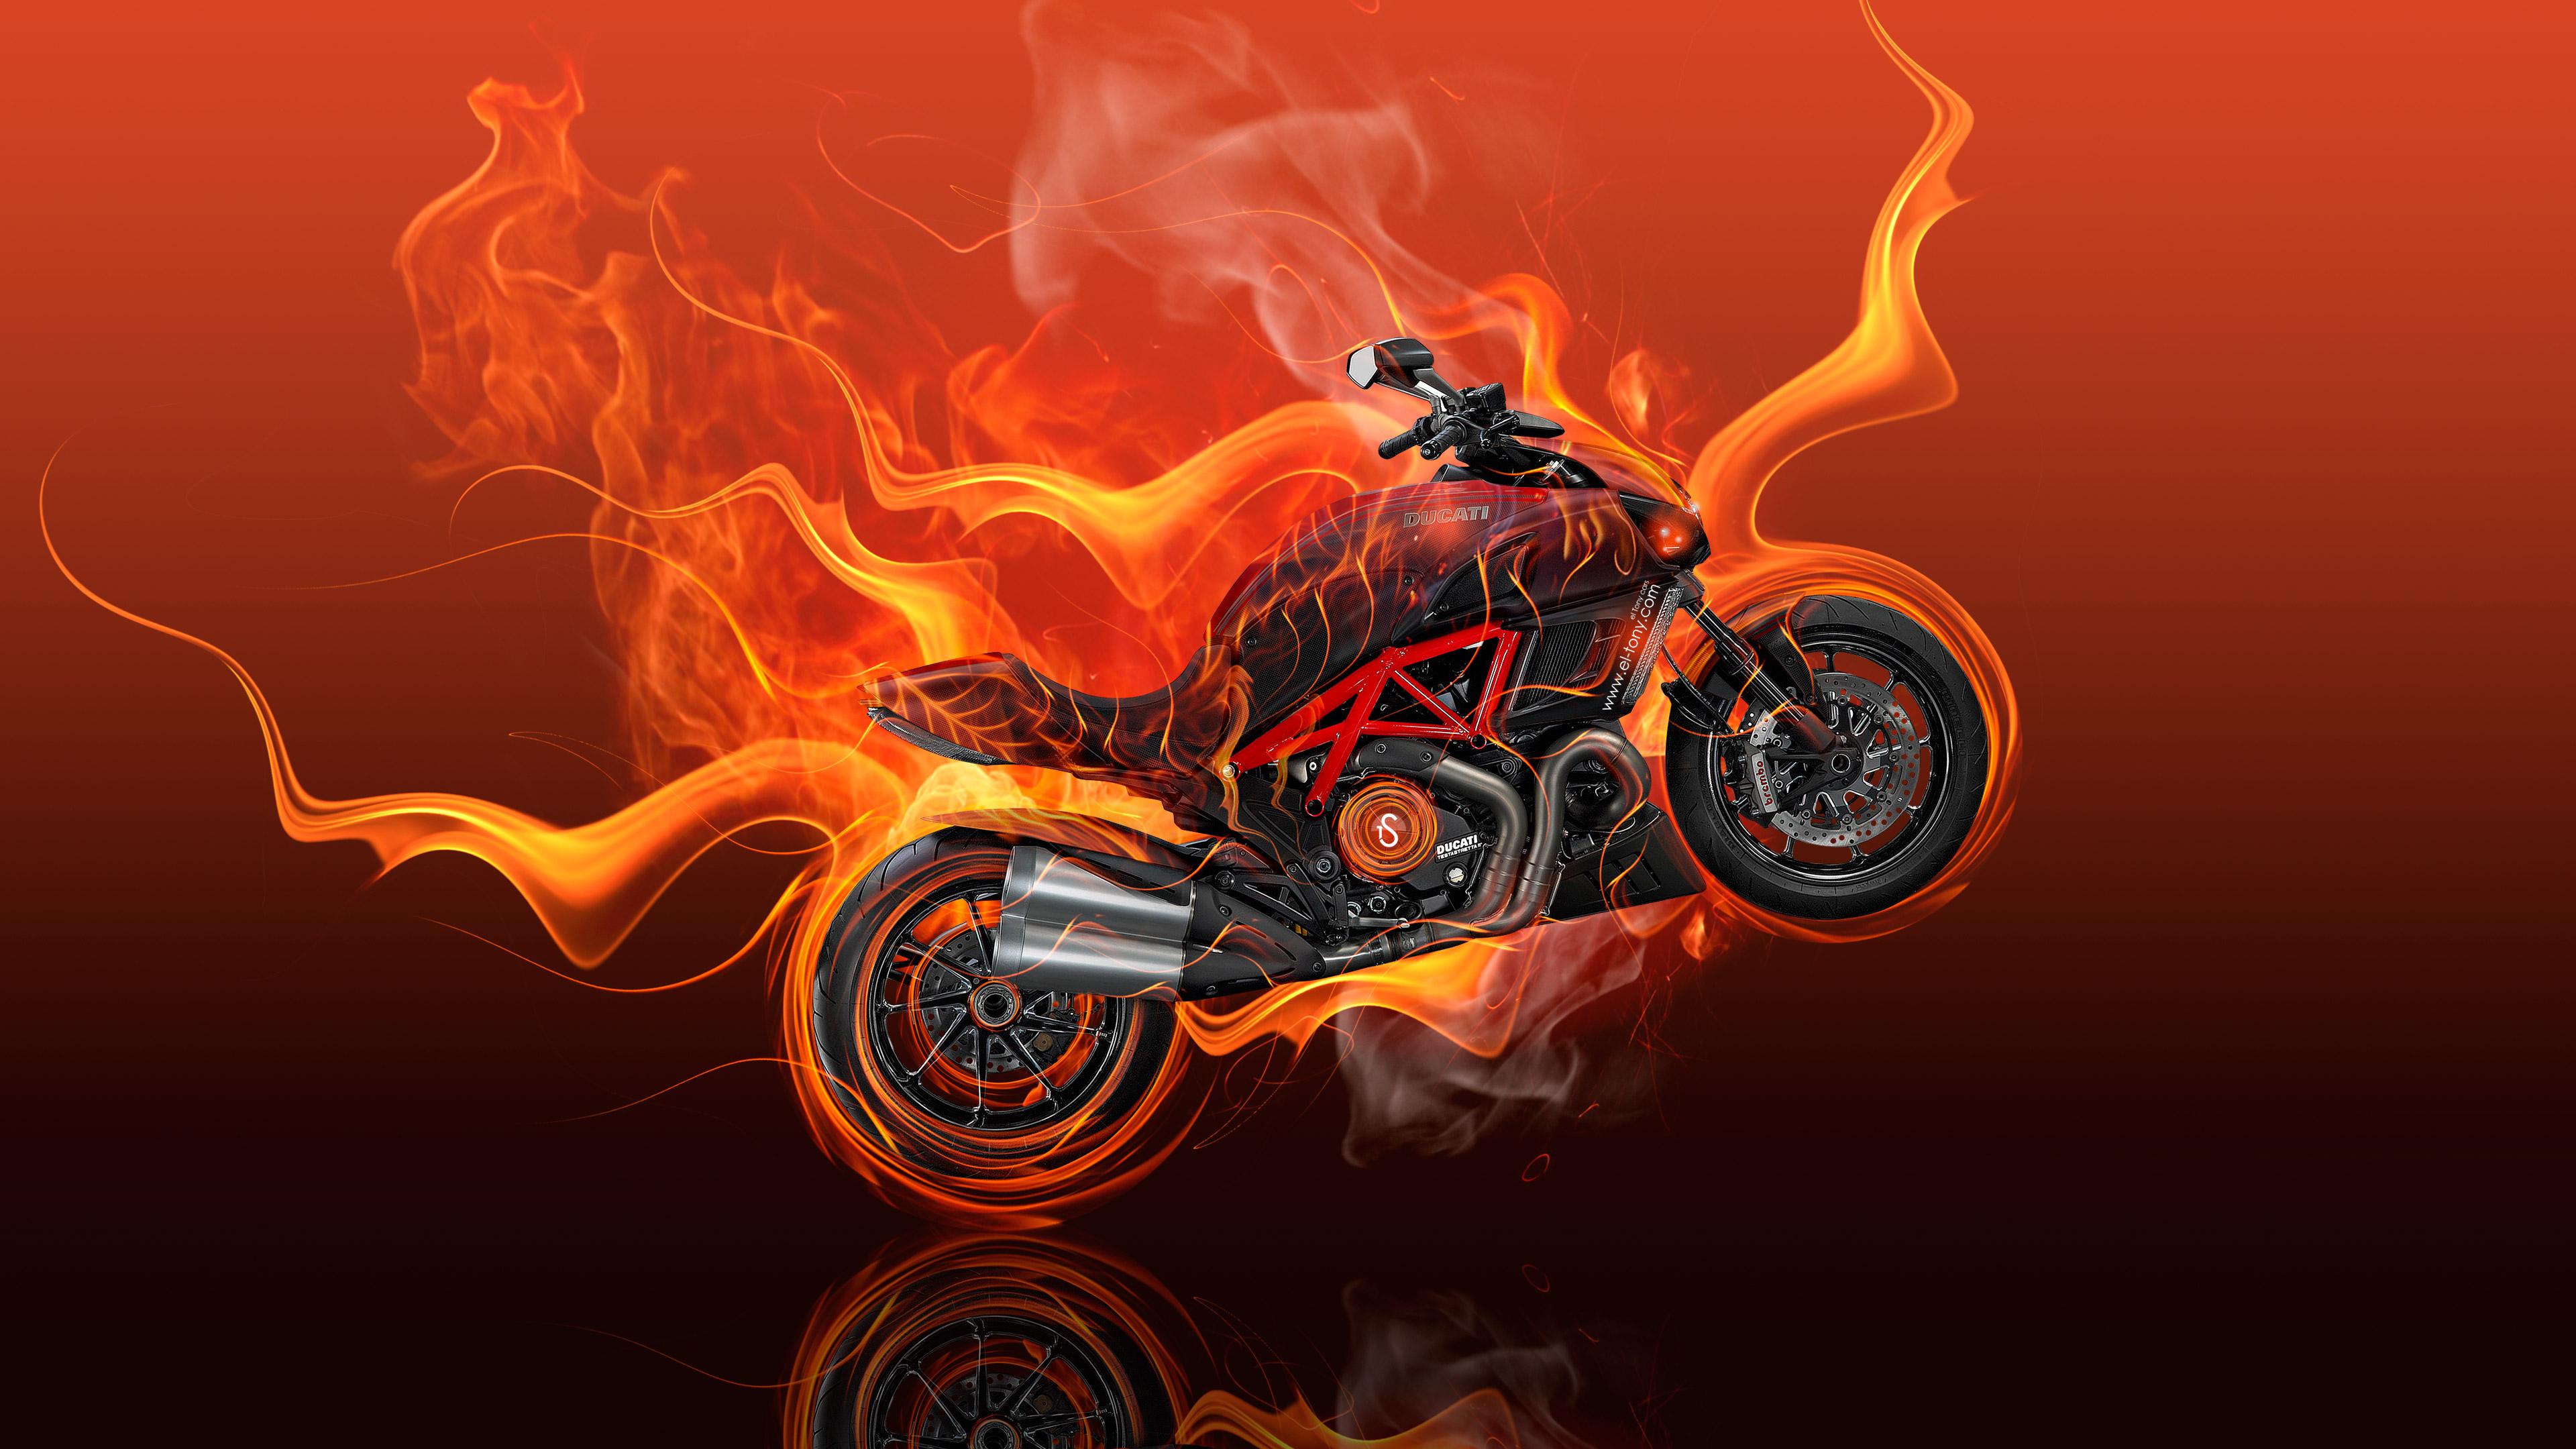 moto ducati diavel flame 4k 1540749004 - Moto Ducati Diavel Flame 4k - flame wallpapers, digital art wallpapers, artist wallpapers